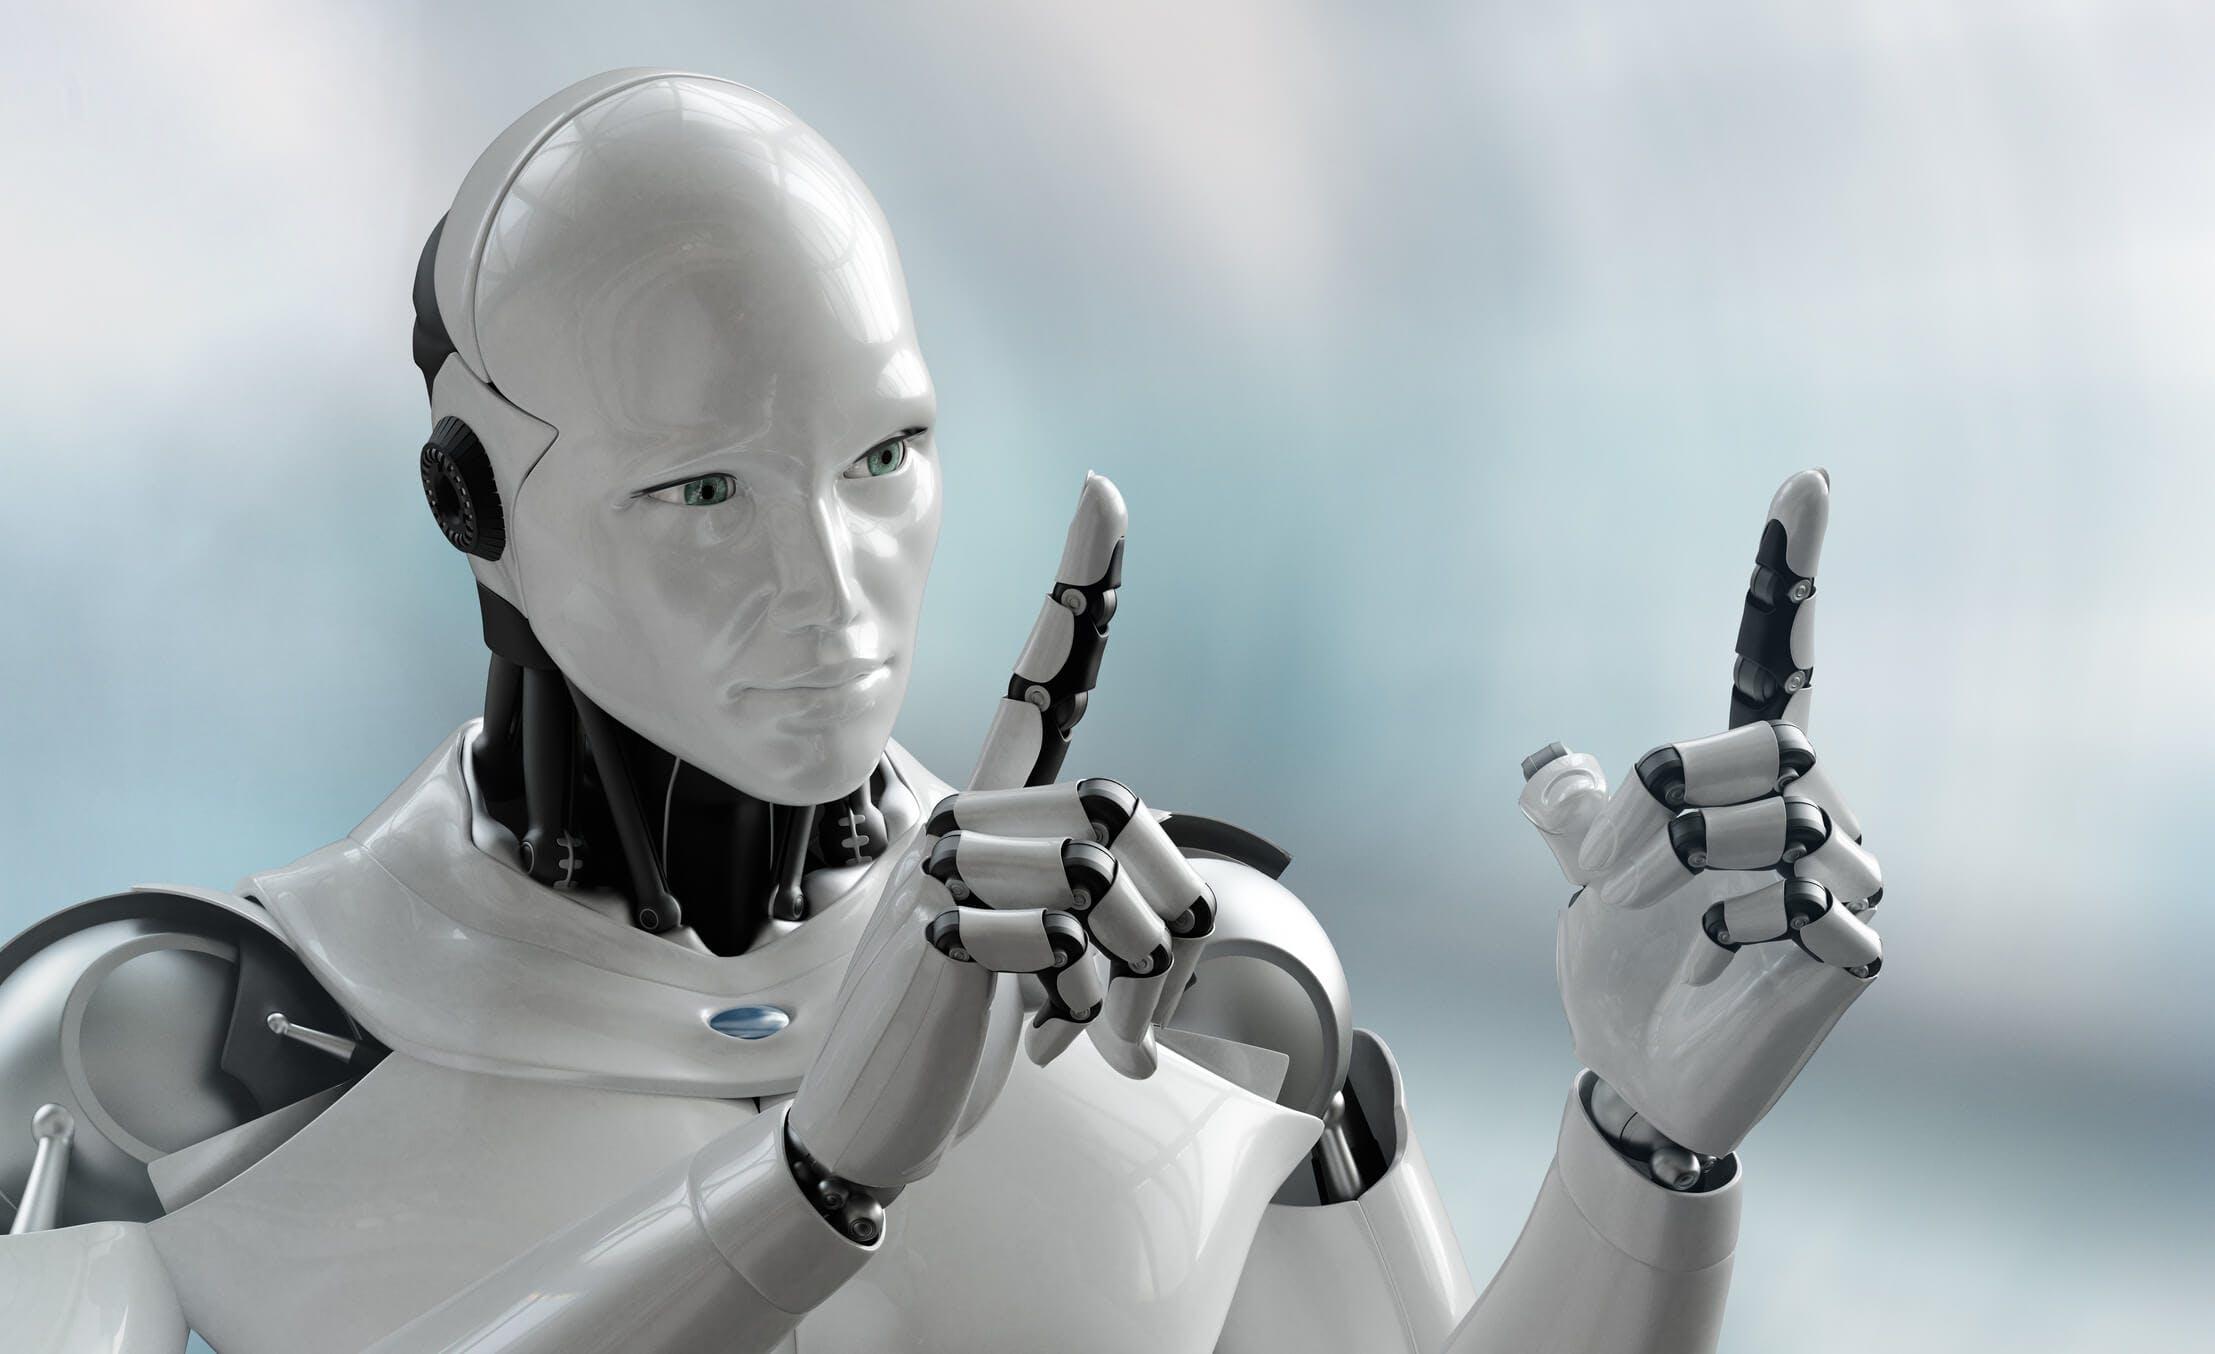 Titelbild-Roboter-KI-Künstliche-Intelligenz-so-lang-Länge-iStock-543191318-mennovandijk